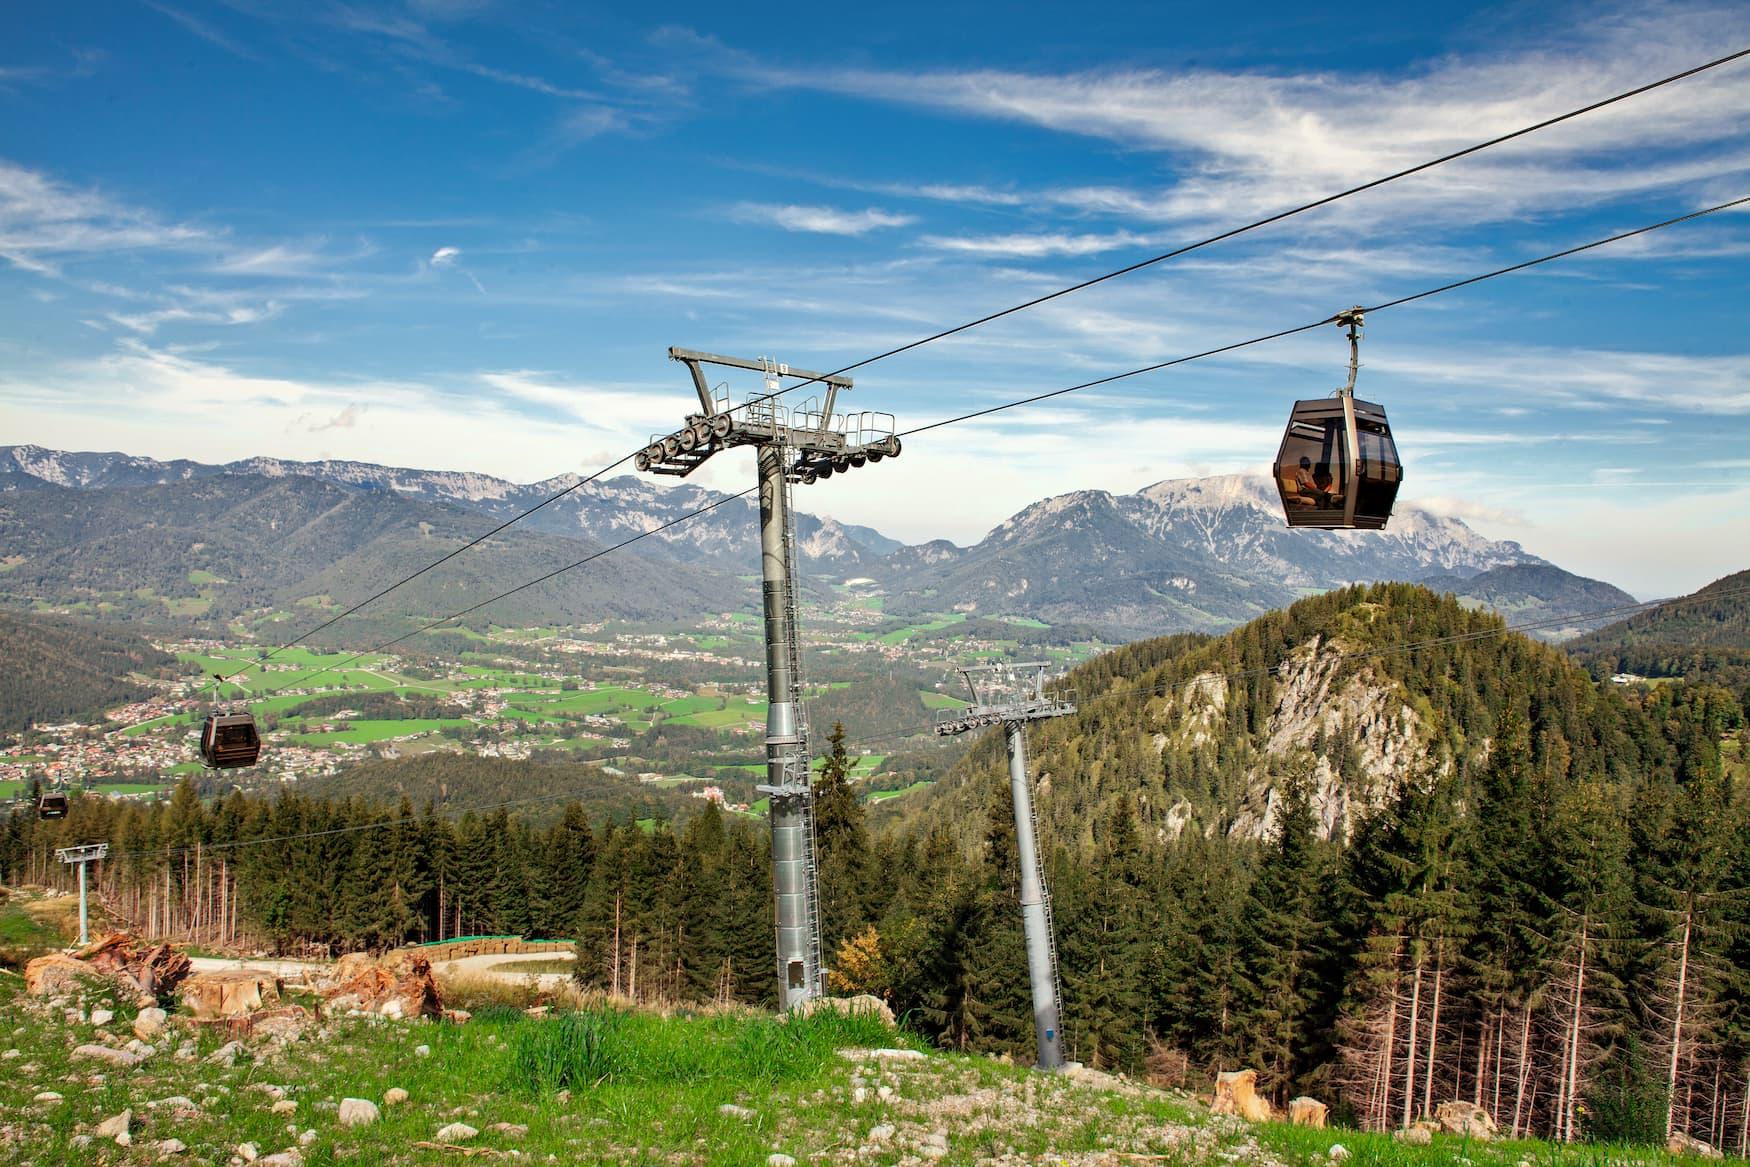 Eine Fahrt mit der Jennerbahn gehört zu unseren Tipps für das Berchtesgadener Land